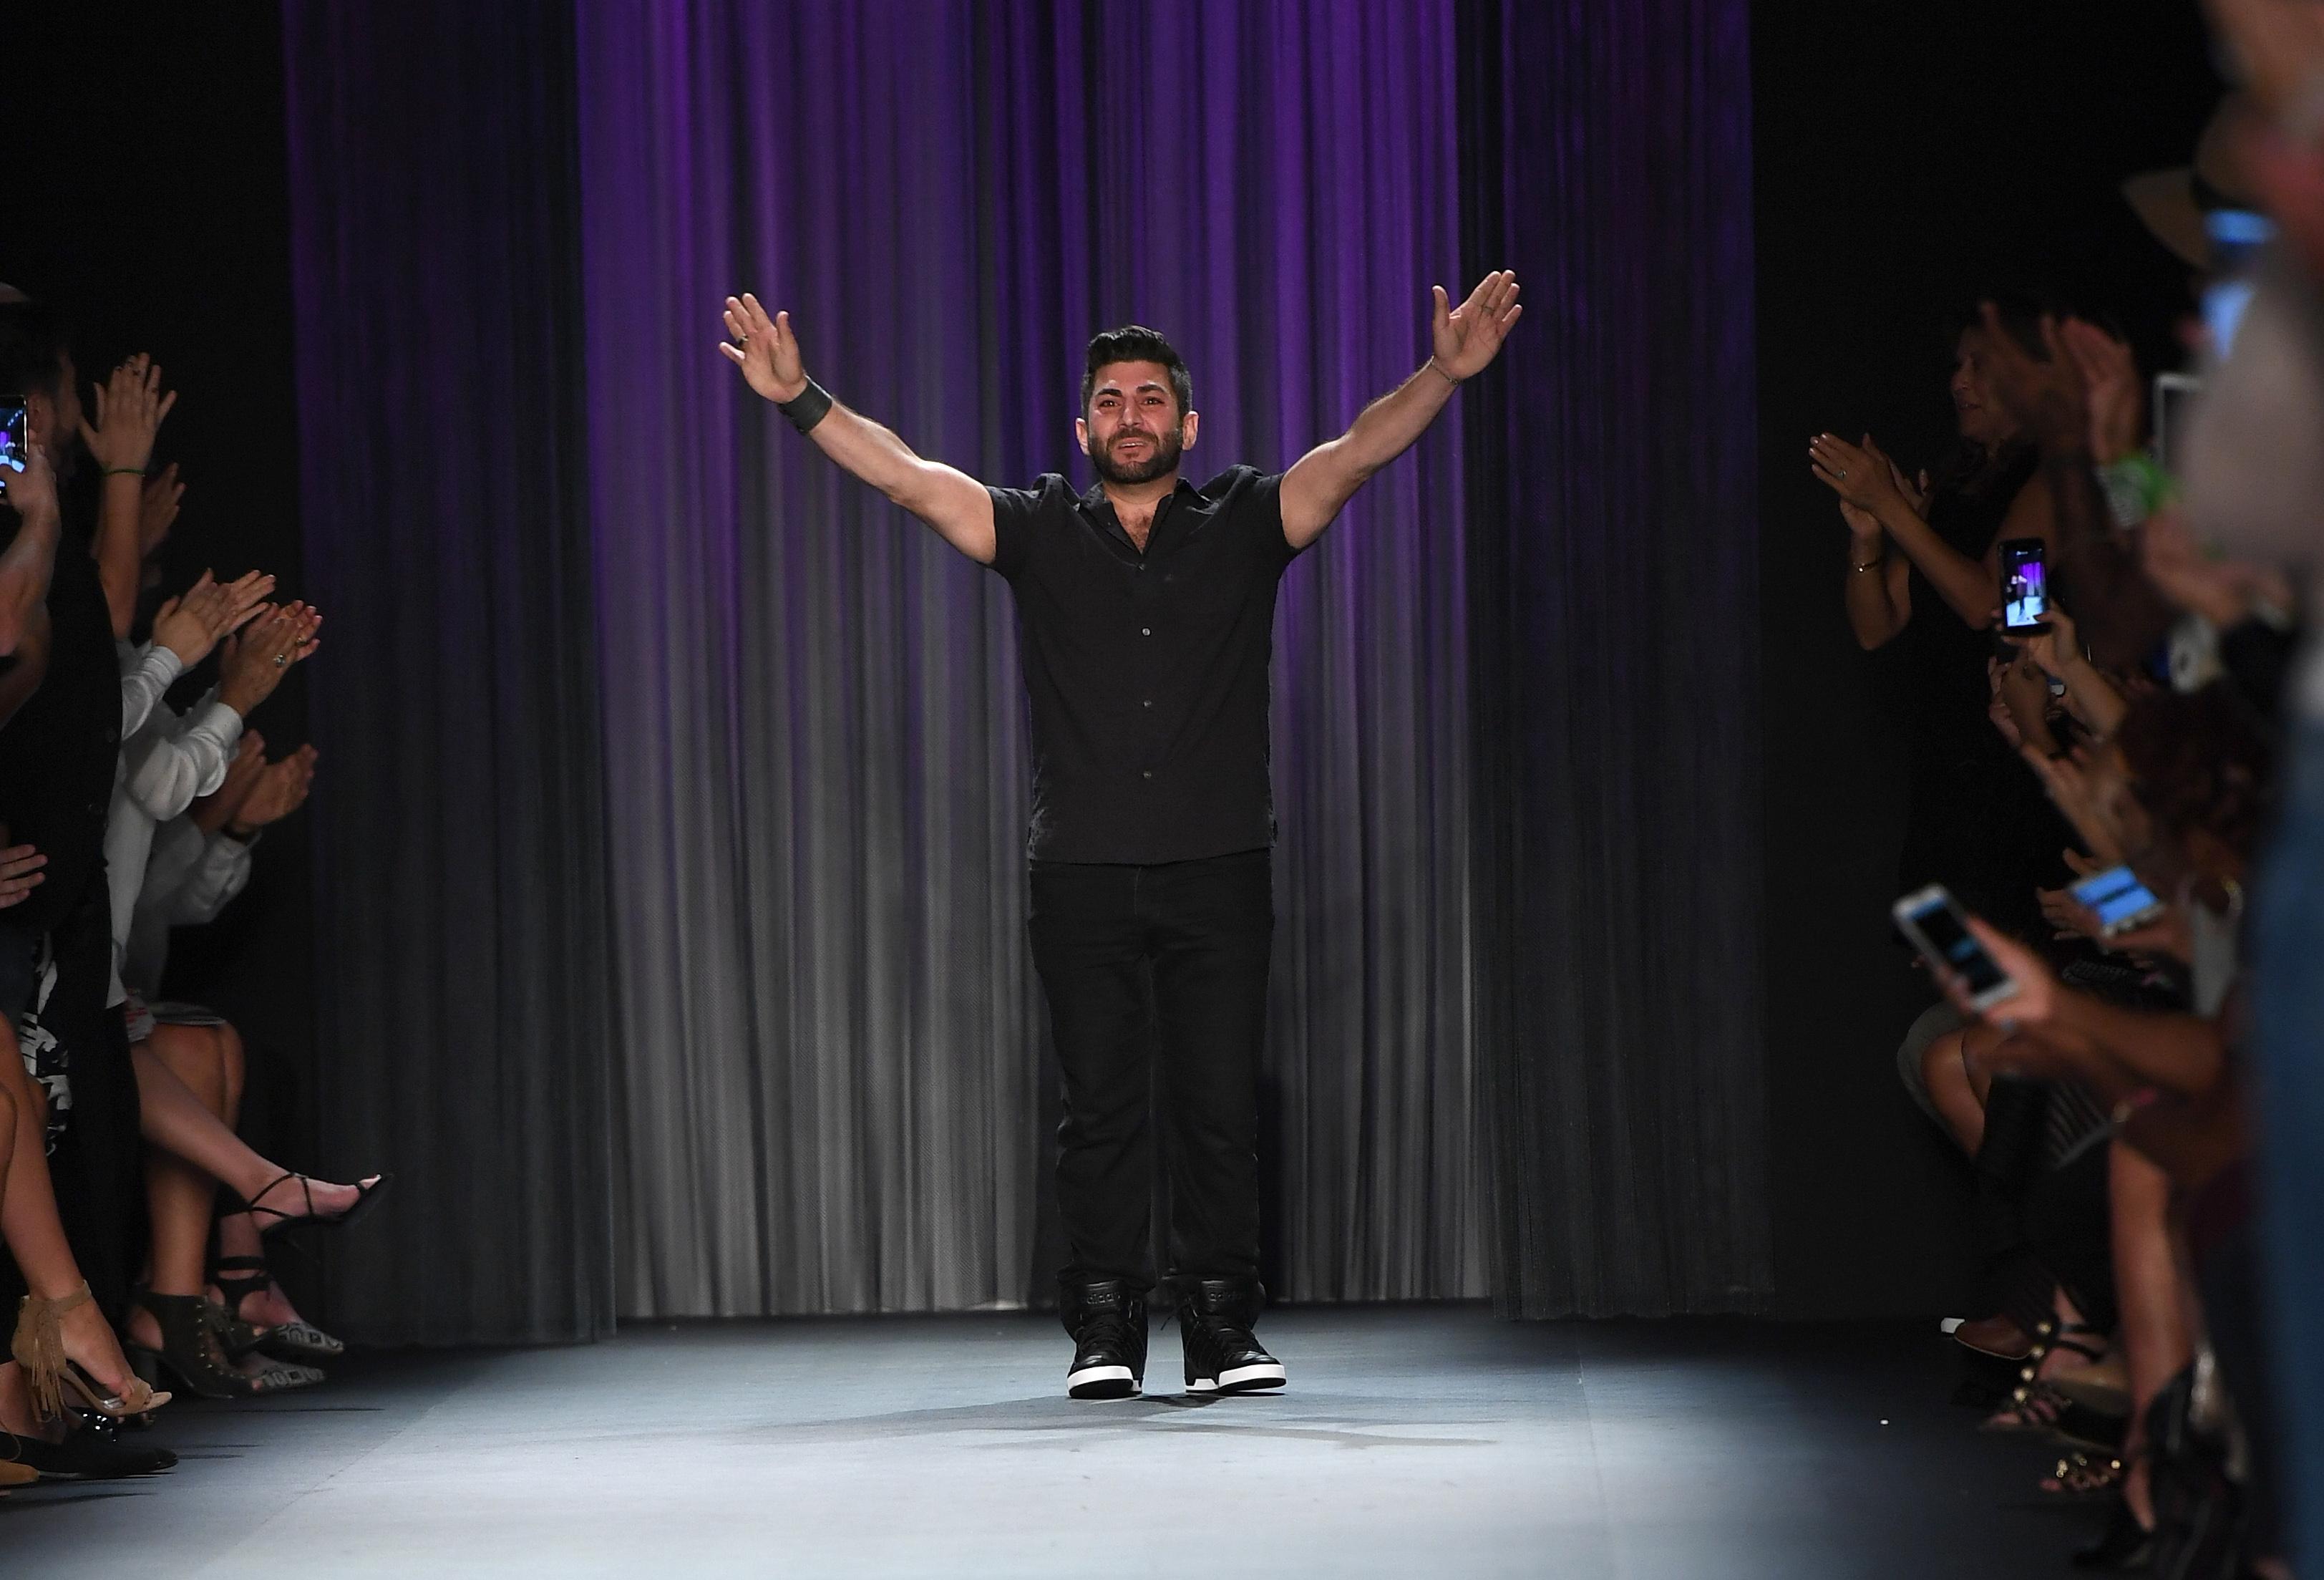 شاكار خلال عرض مجموعة تصاميمه الأخيرة في أسبوع الموضة في نيويورك الجمعة